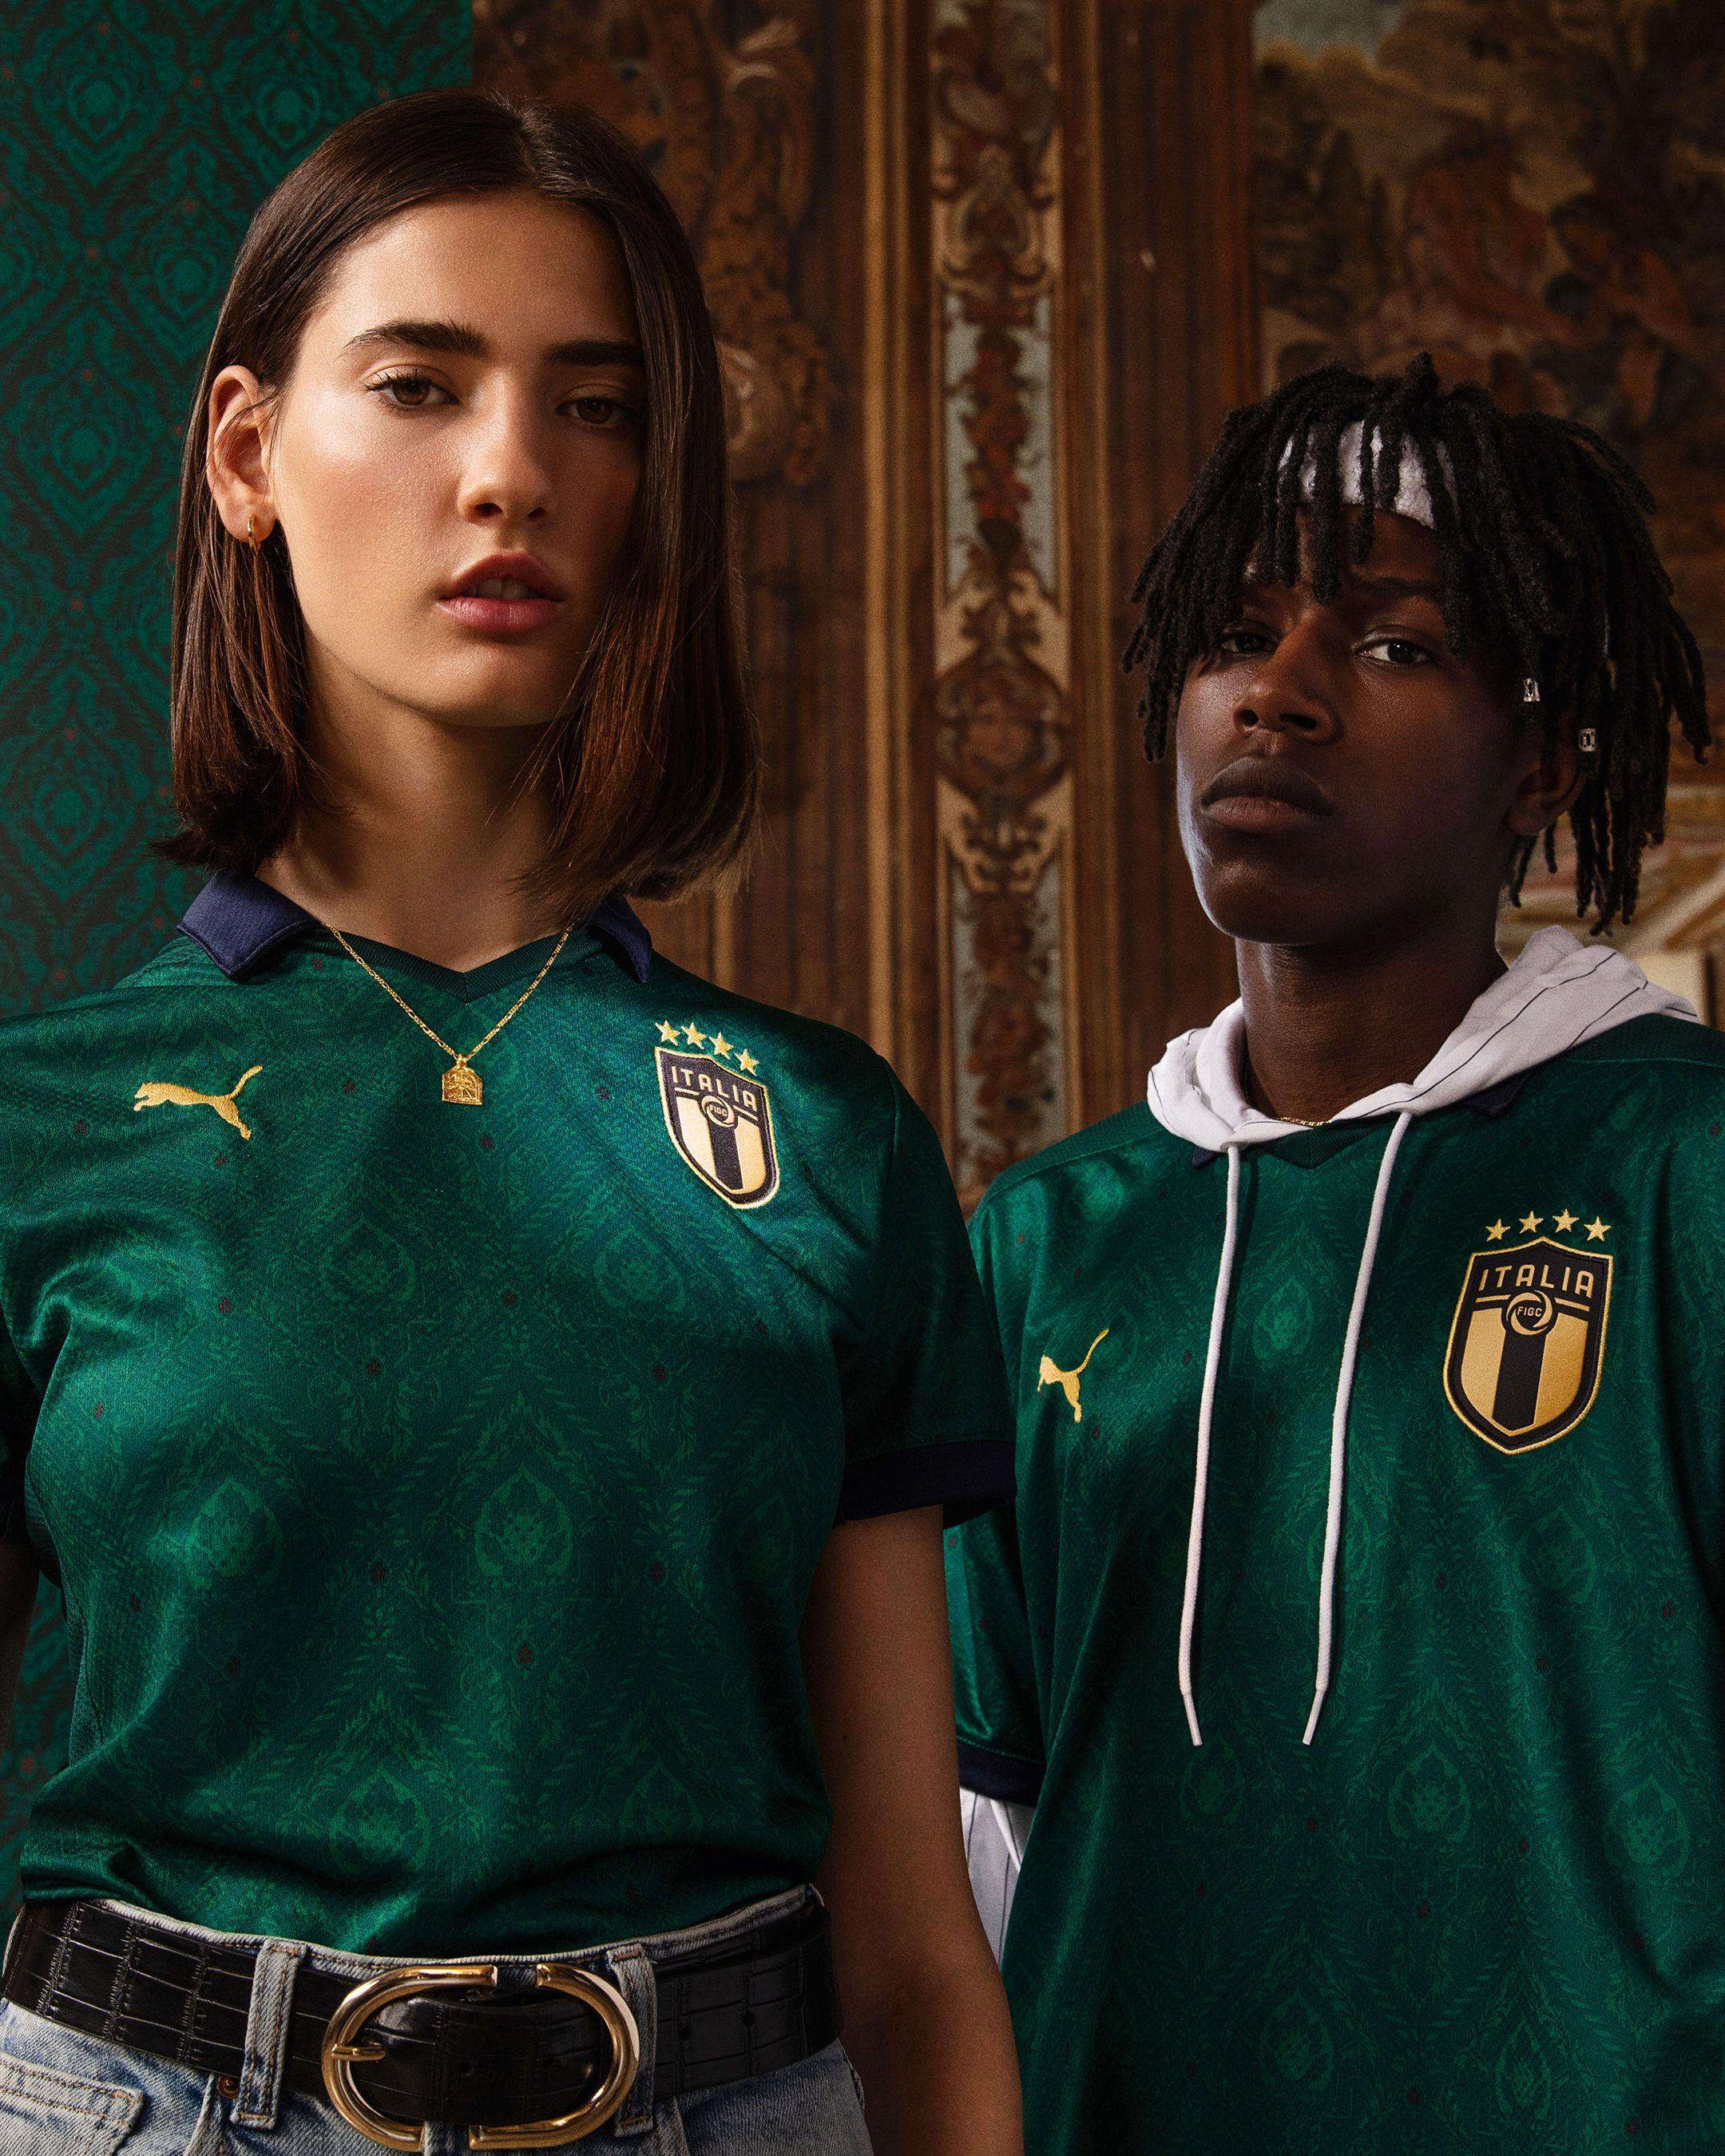 зелена форма збірної італії_1